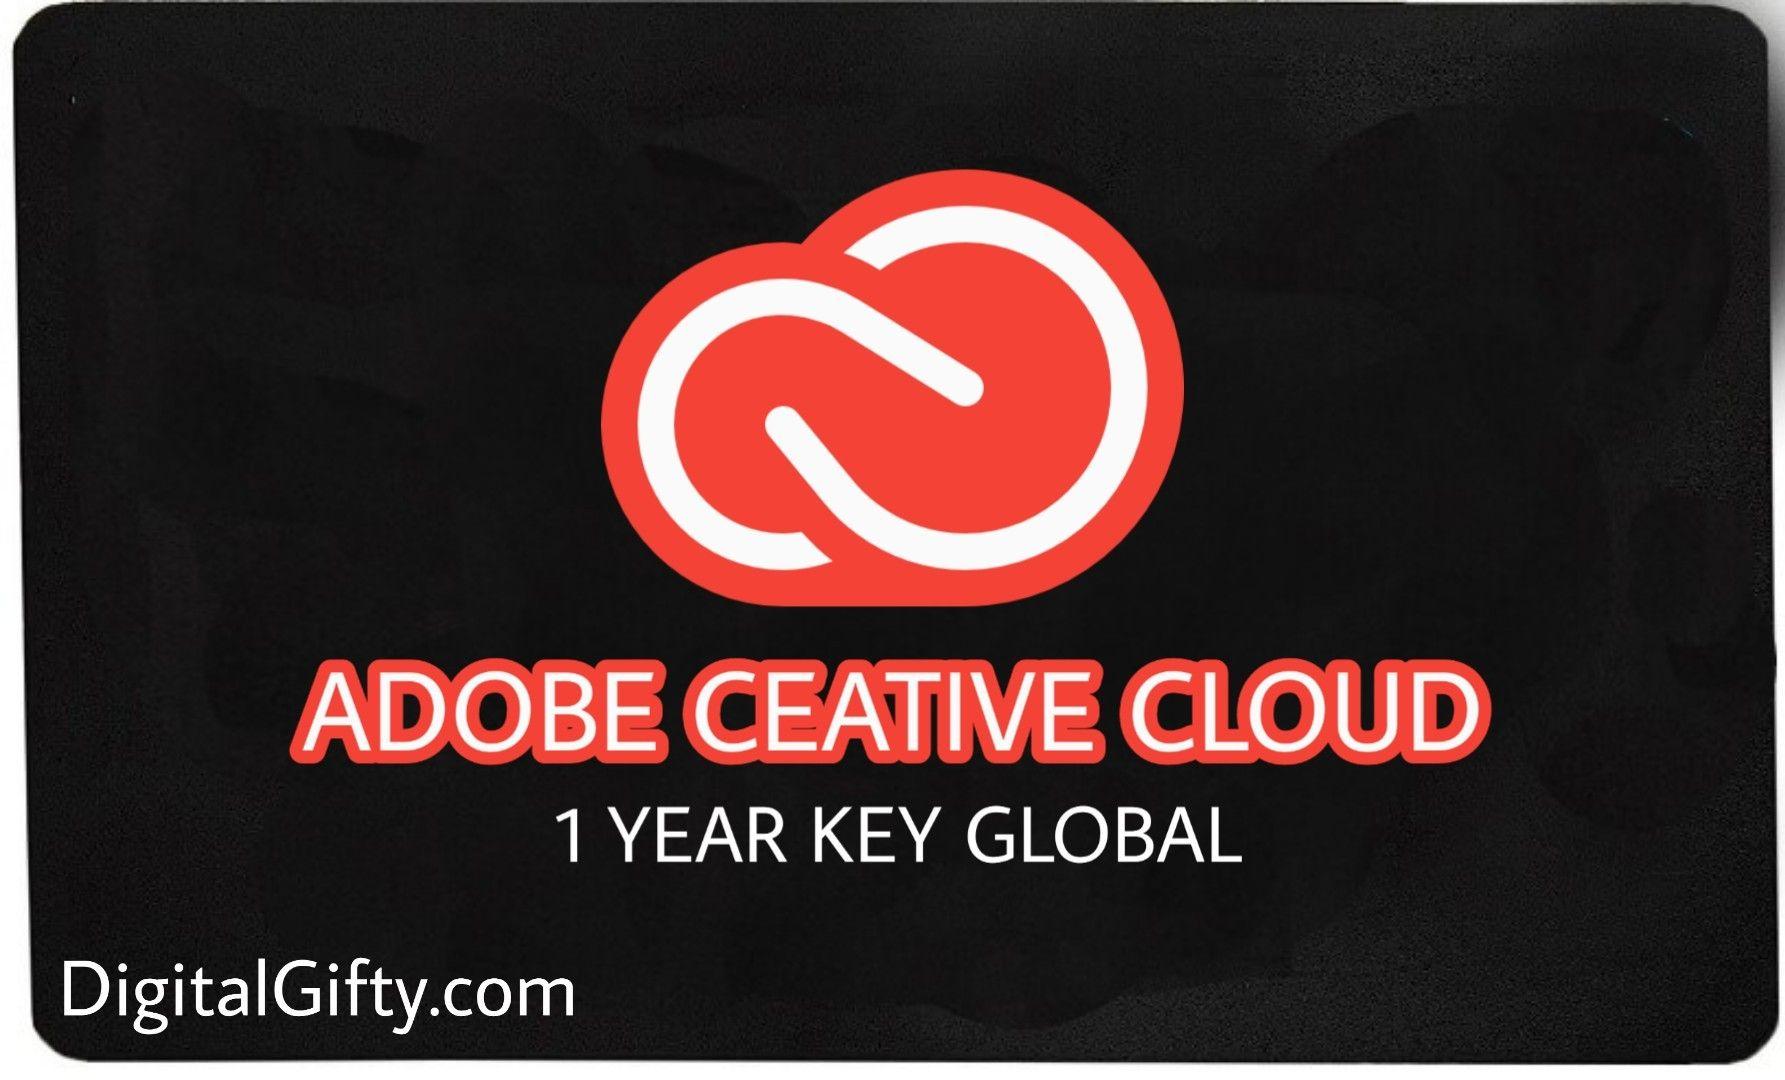 Adobe Creative Cloud Key Adobe Creative Cloud Creative Cloud Clouds